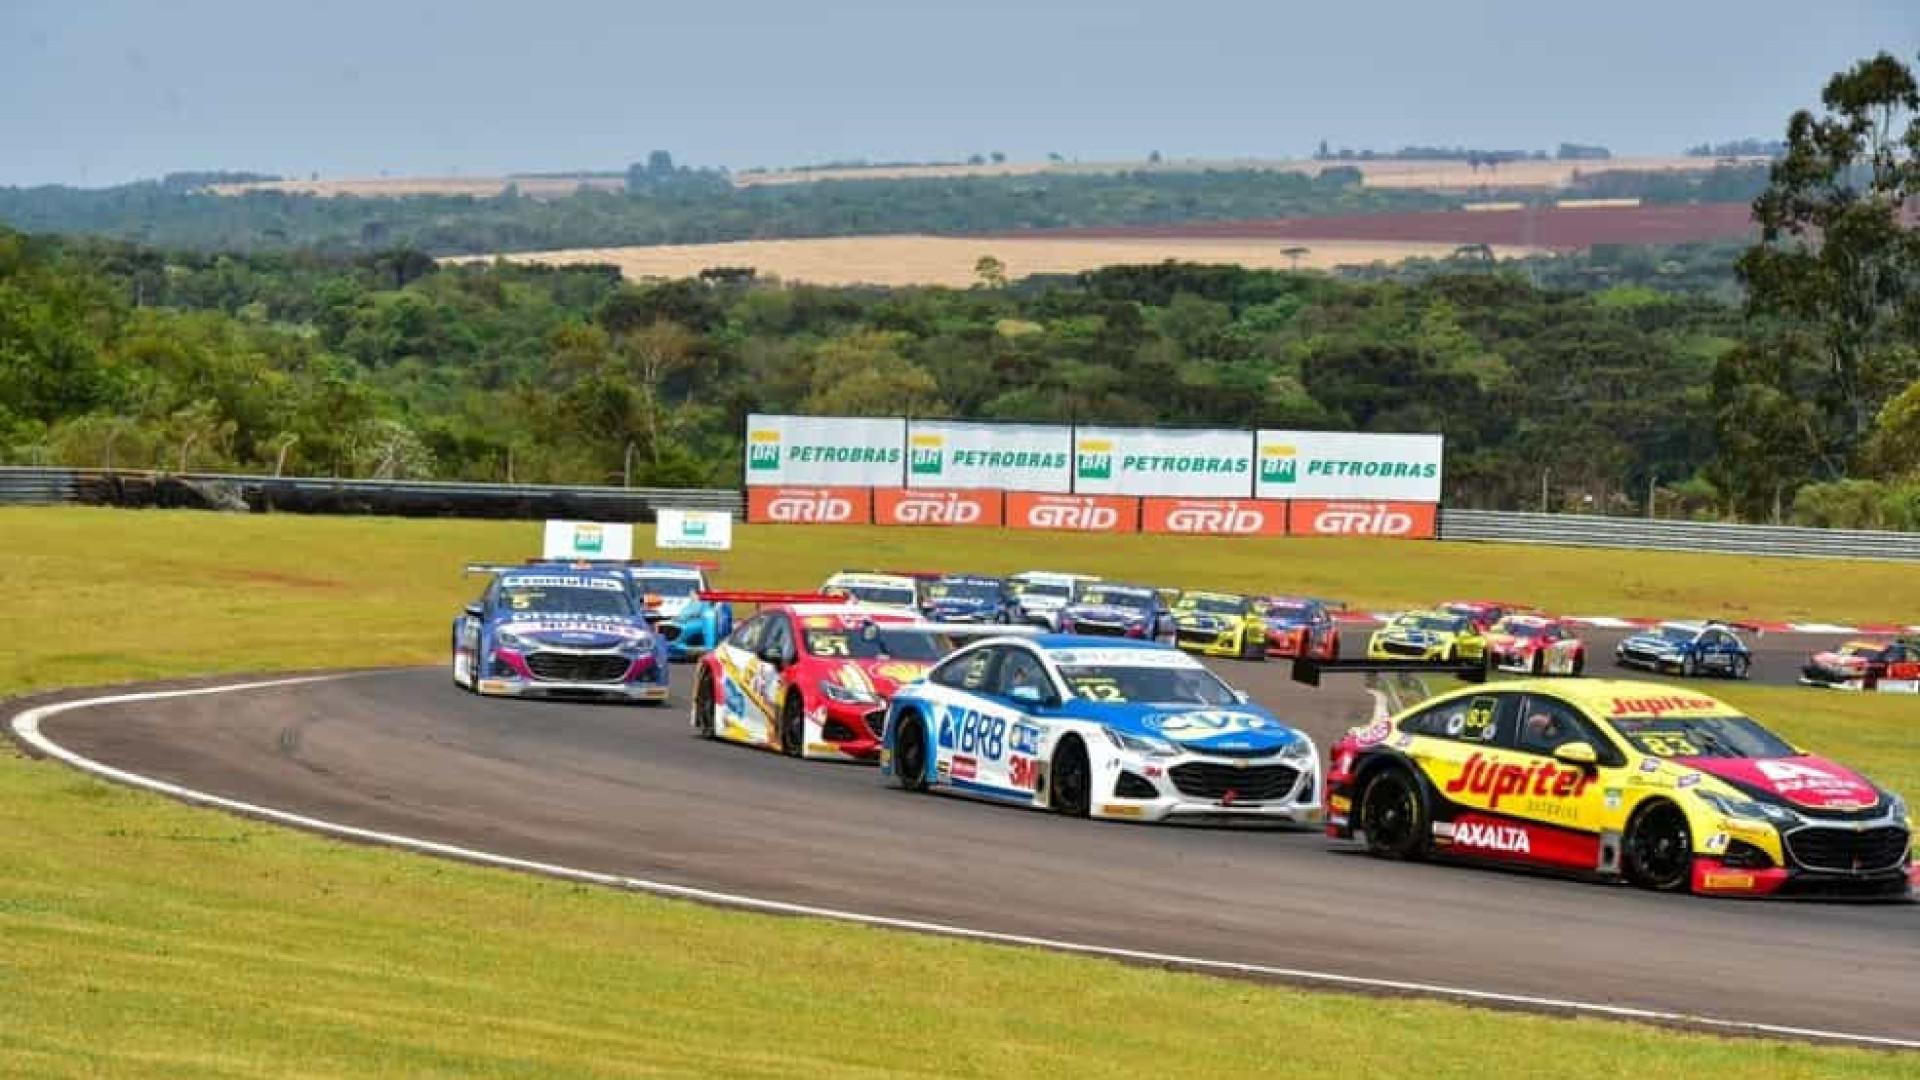 Julio Campos e Diego Nunes vencem corridas da etapa de Velo Cittá da Stock Car